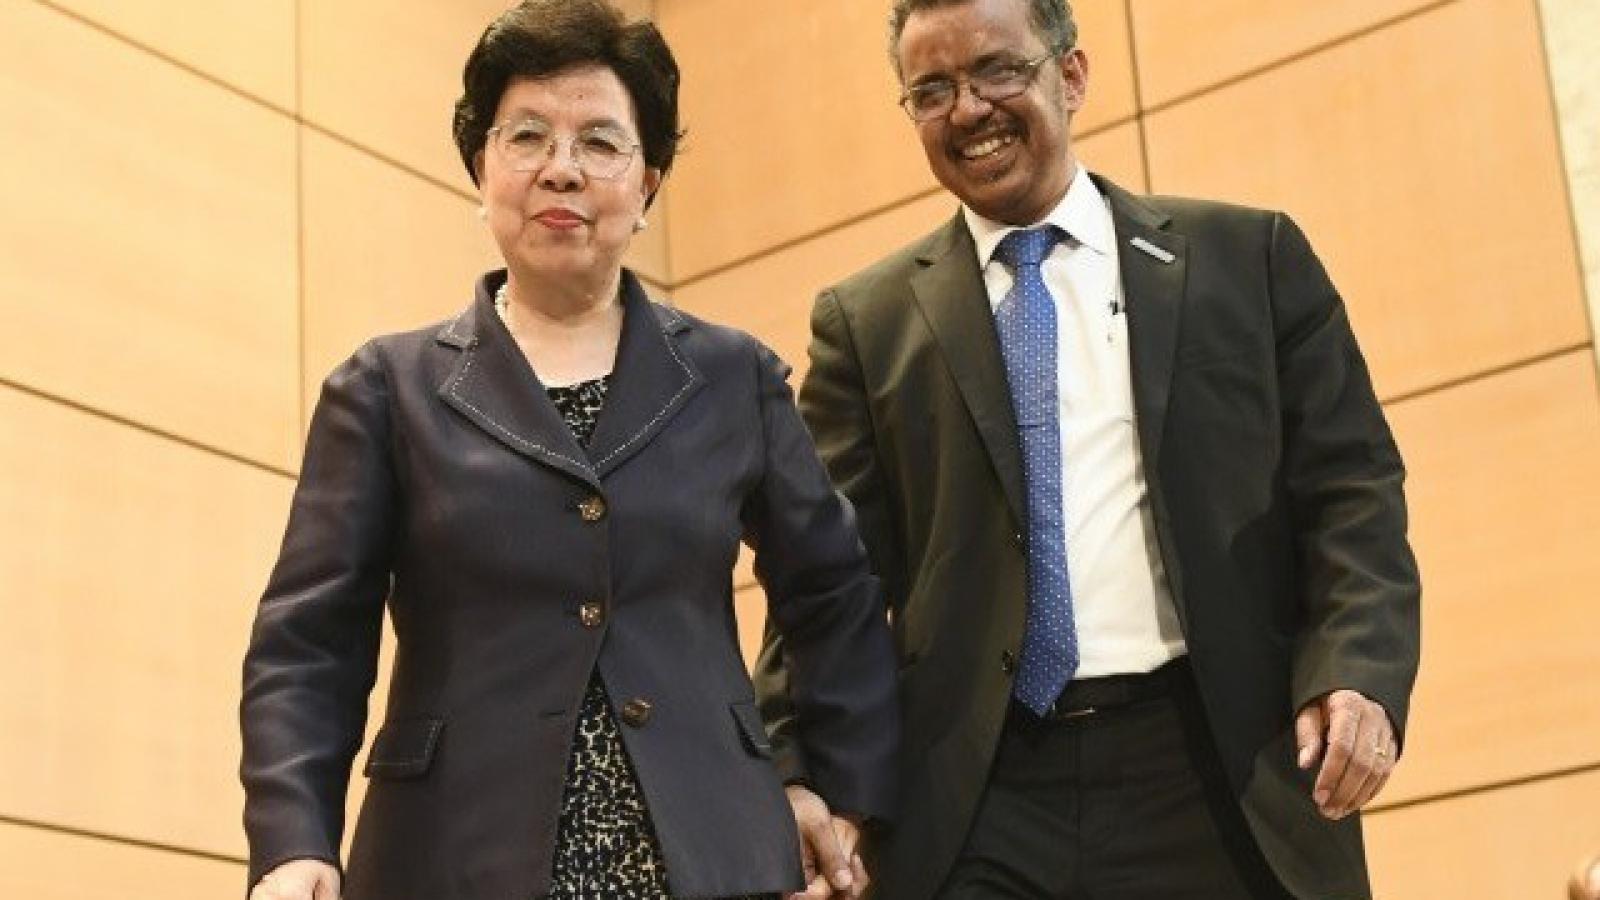 Mối quan hệ gần gũi giữa Trung Quốc và 2 Tổng giám đốc WHO